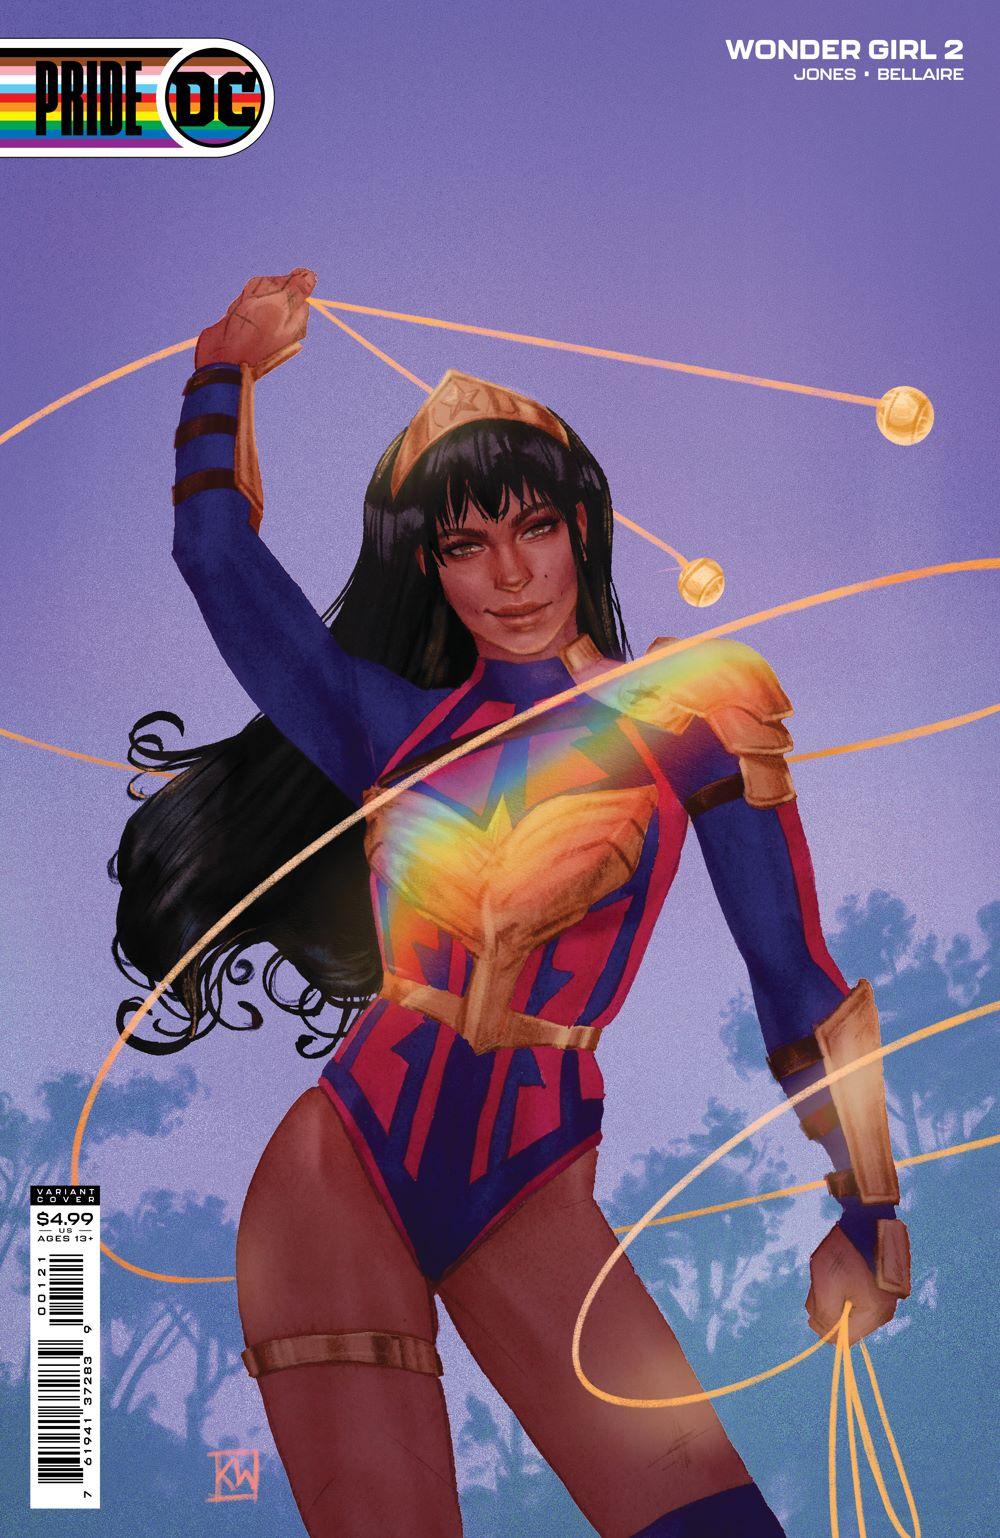 WONDERGIRL_Cv2_PRIDE_var DC Comics June 2021 Solicitations